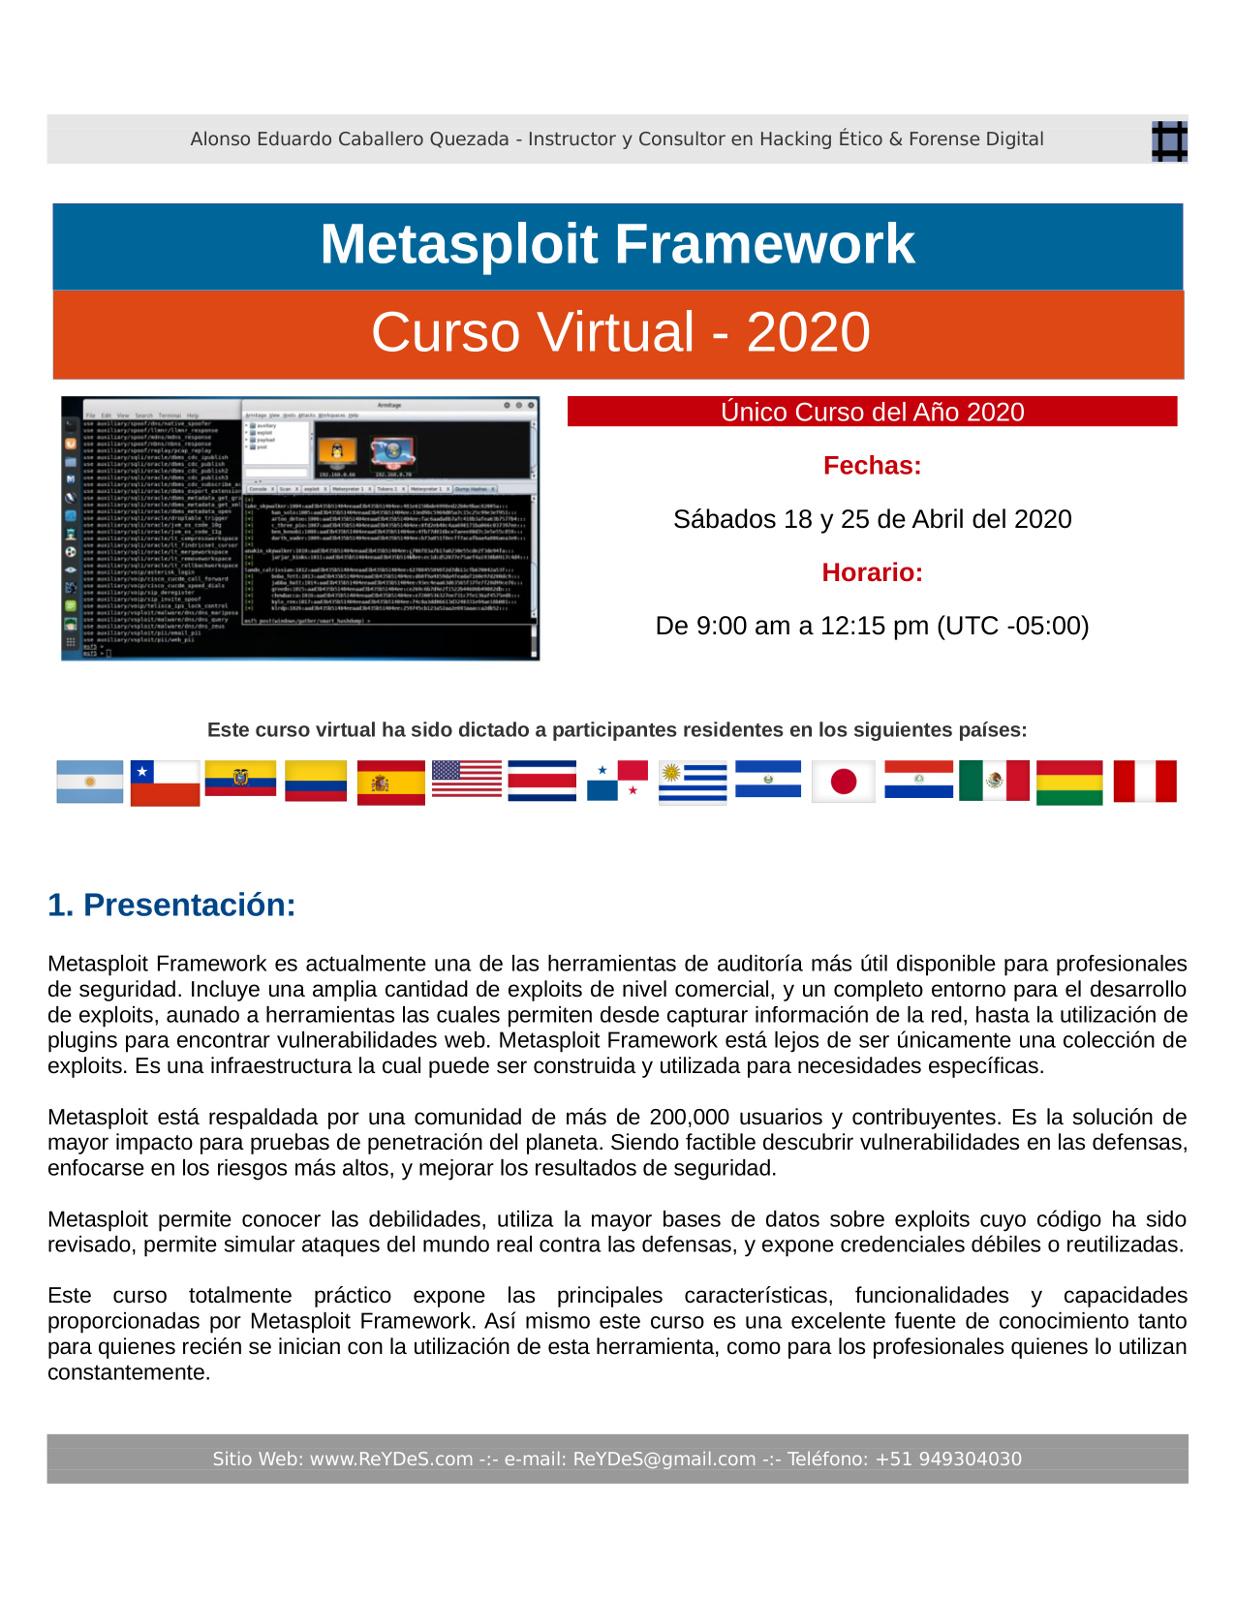 Único Curso Virtual de Metasploit Framework 2020